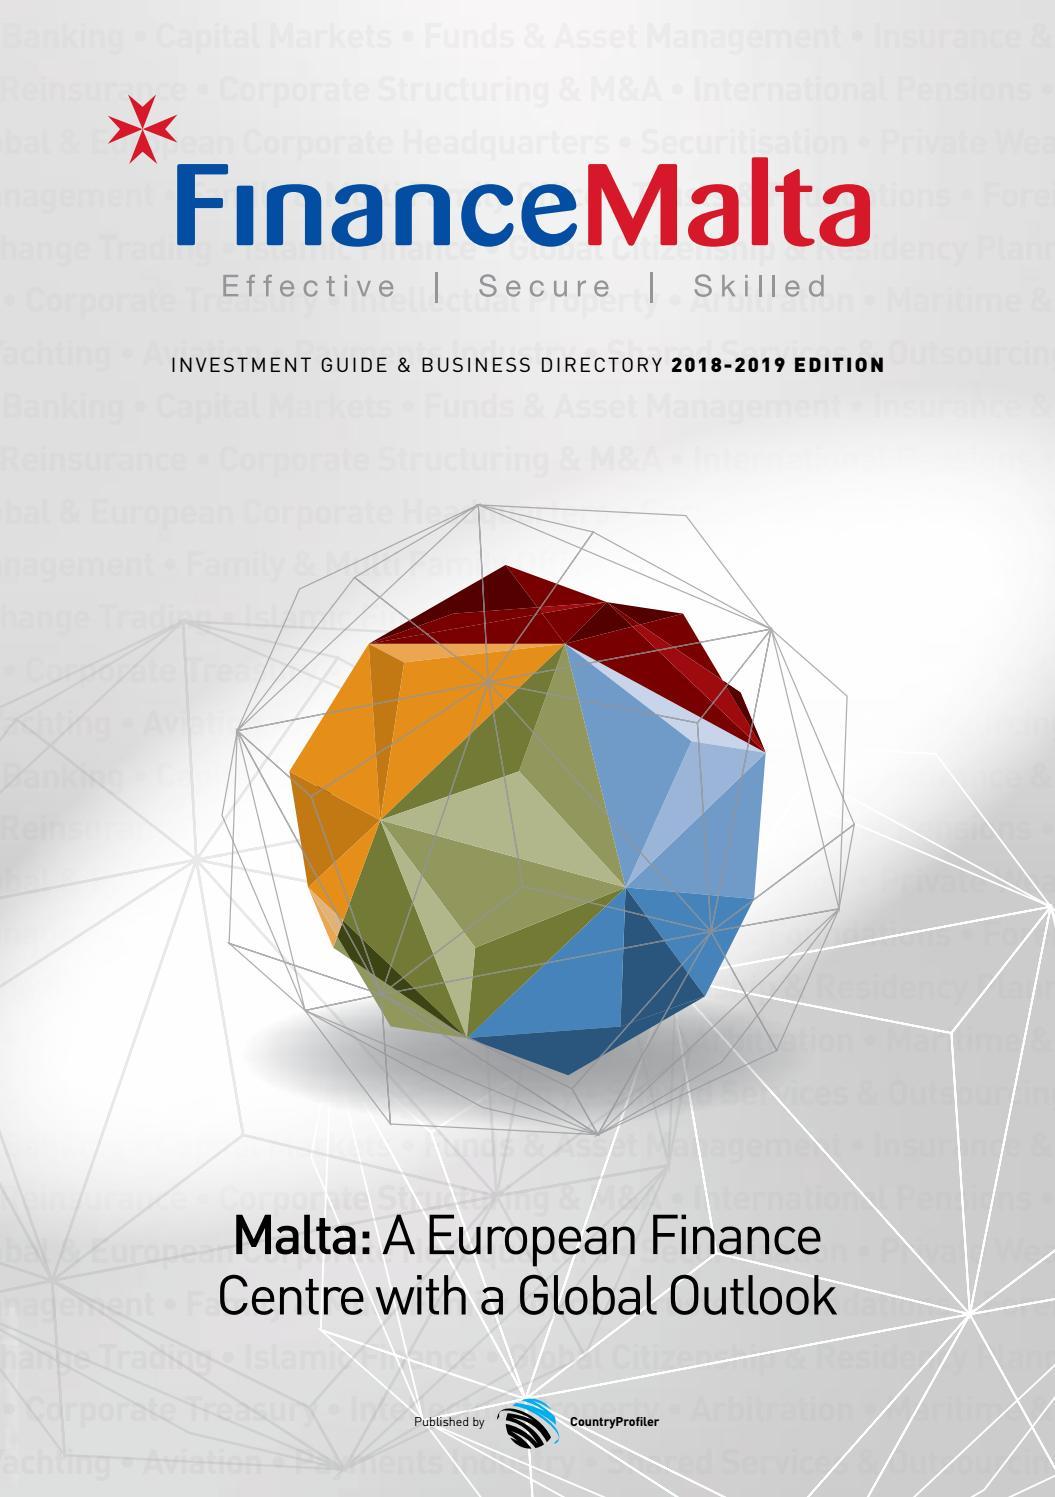 Financemalta forex market schreckhof pension and investments